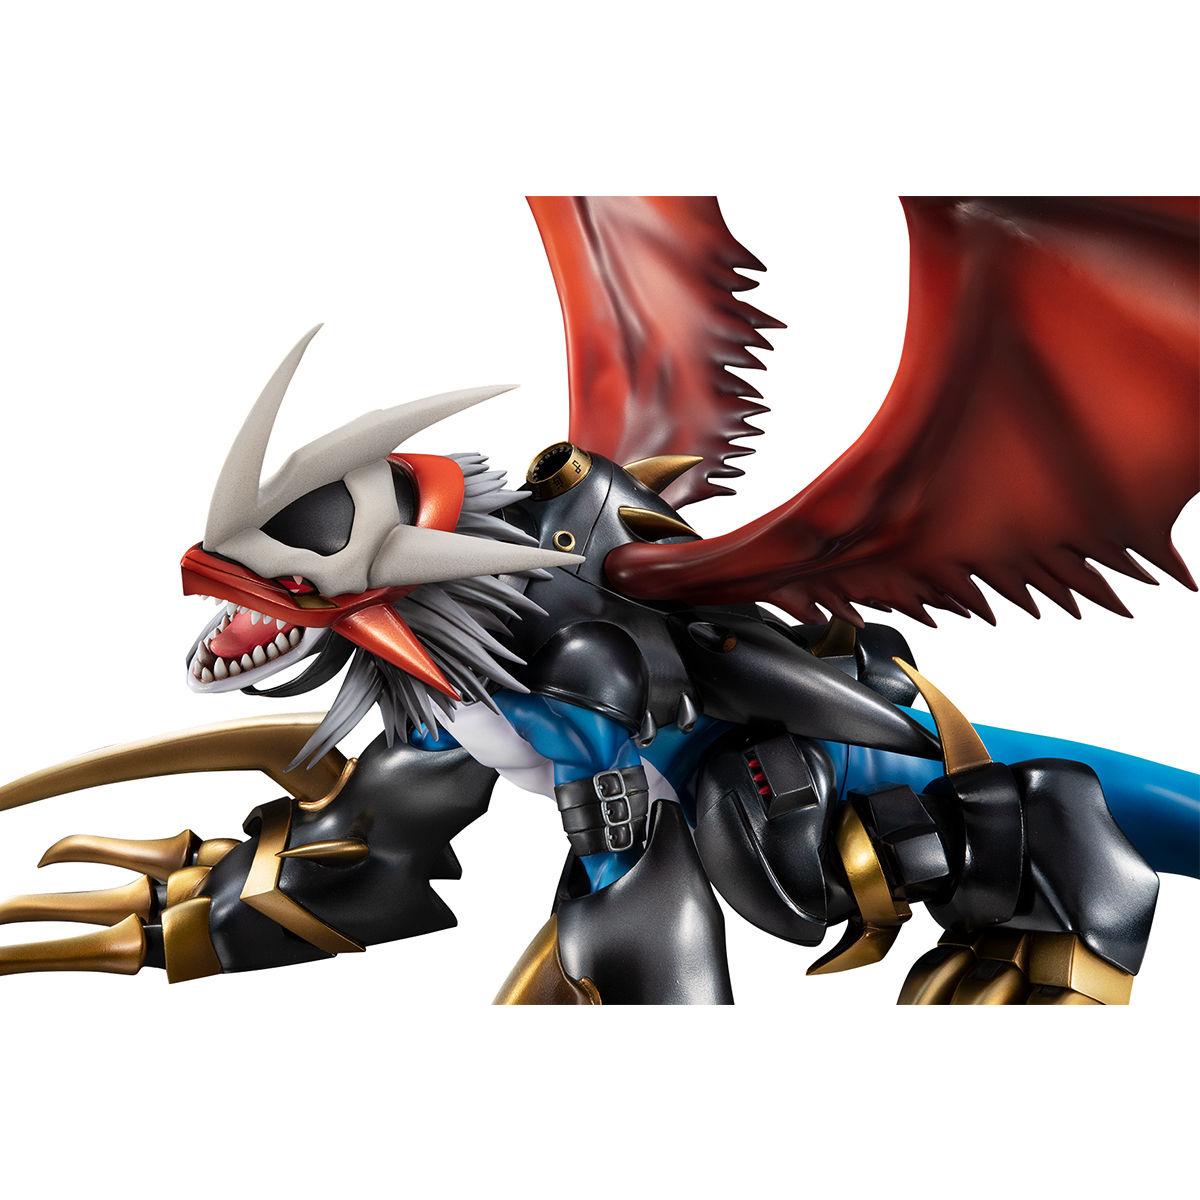 【限定販売】Precious G.E.M.シリーズ『インペリアルドラモン:ドラゴンモード』デジモンアドベンチャー02 完成品フィギュア-008